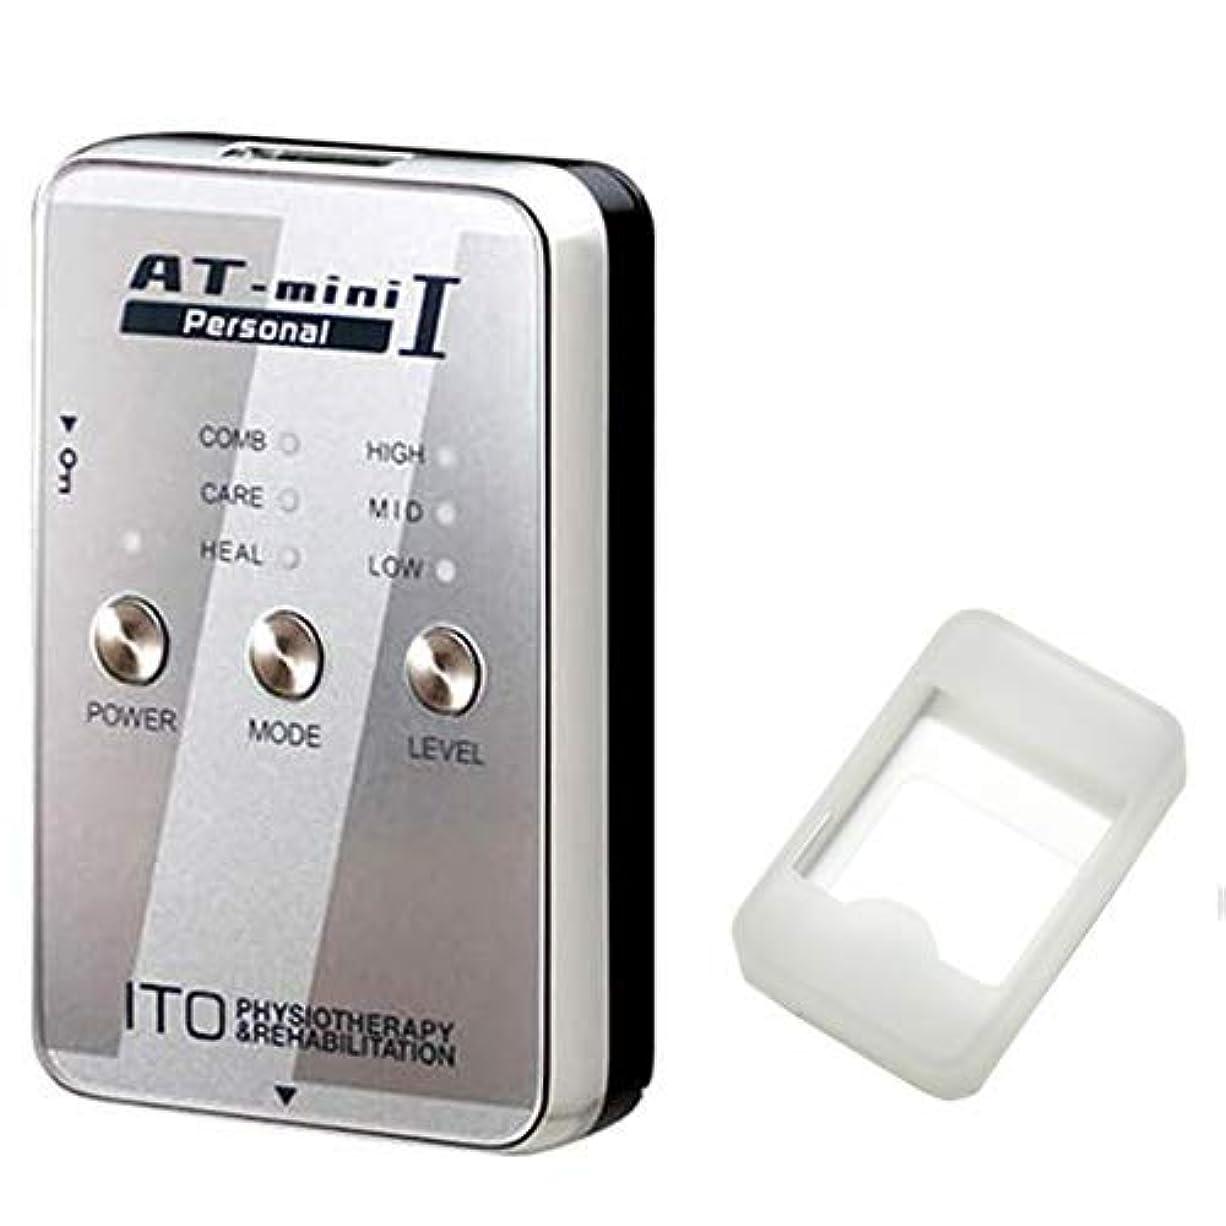 ぬいぐるみ貪欲音楽家低周波治療器 AT-mini personal I シルバー (ATミニパーソナル1) + シリコン保護ケース